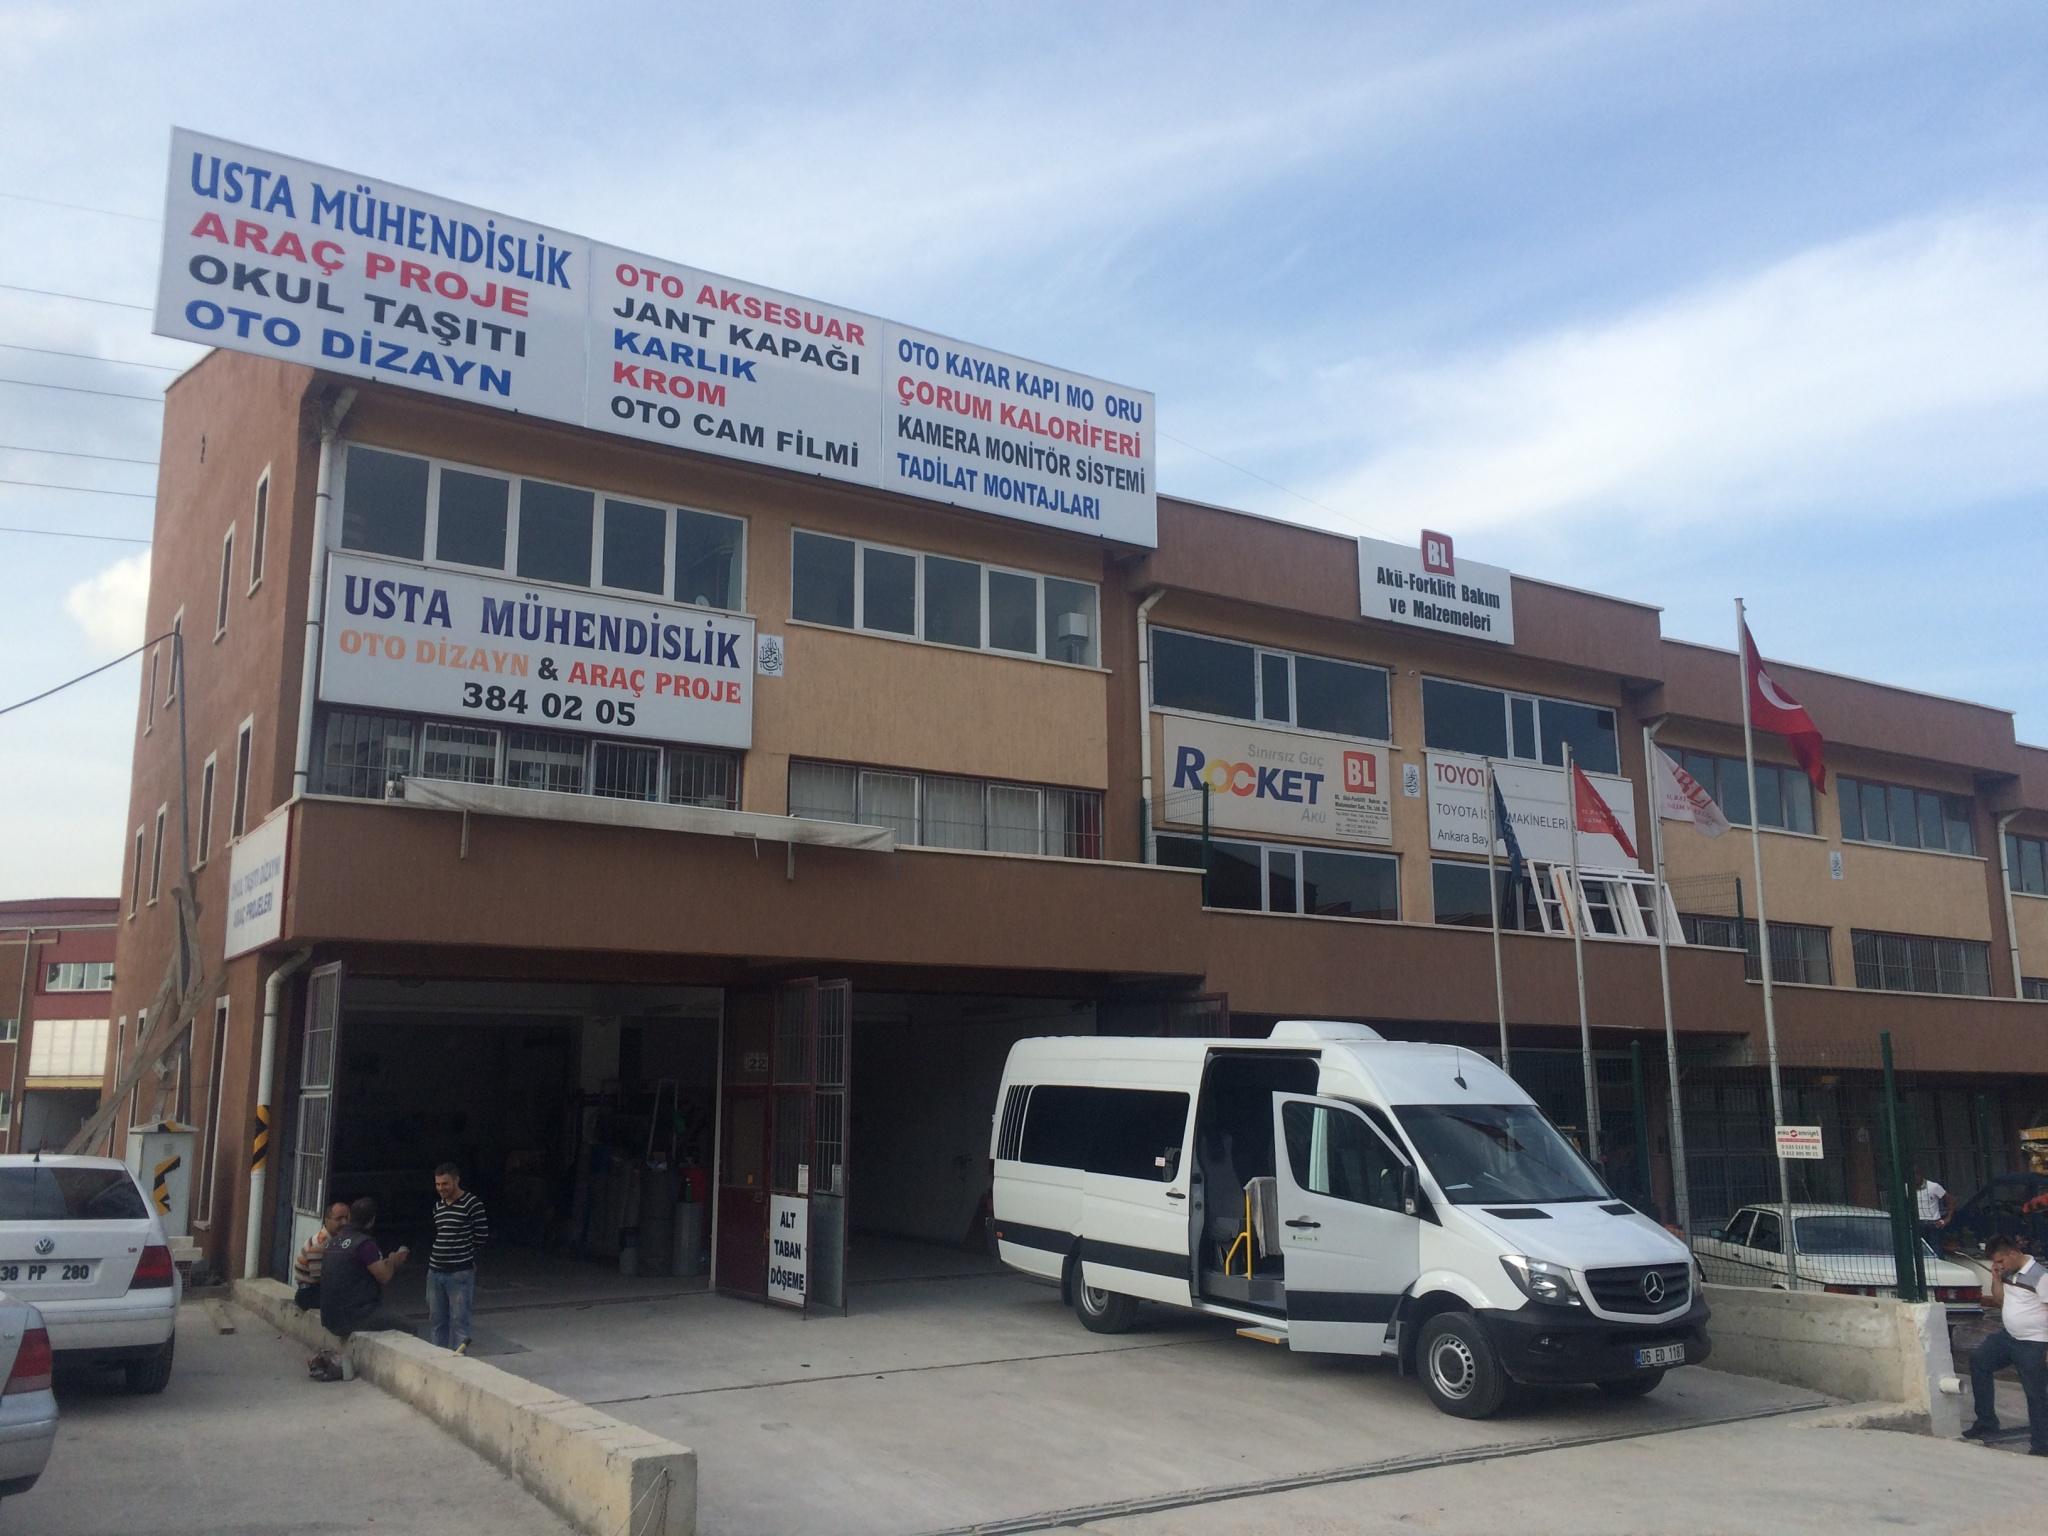 MERCEDES PPRİNTER OTOBÜS OKULTAŞI PROJESİ